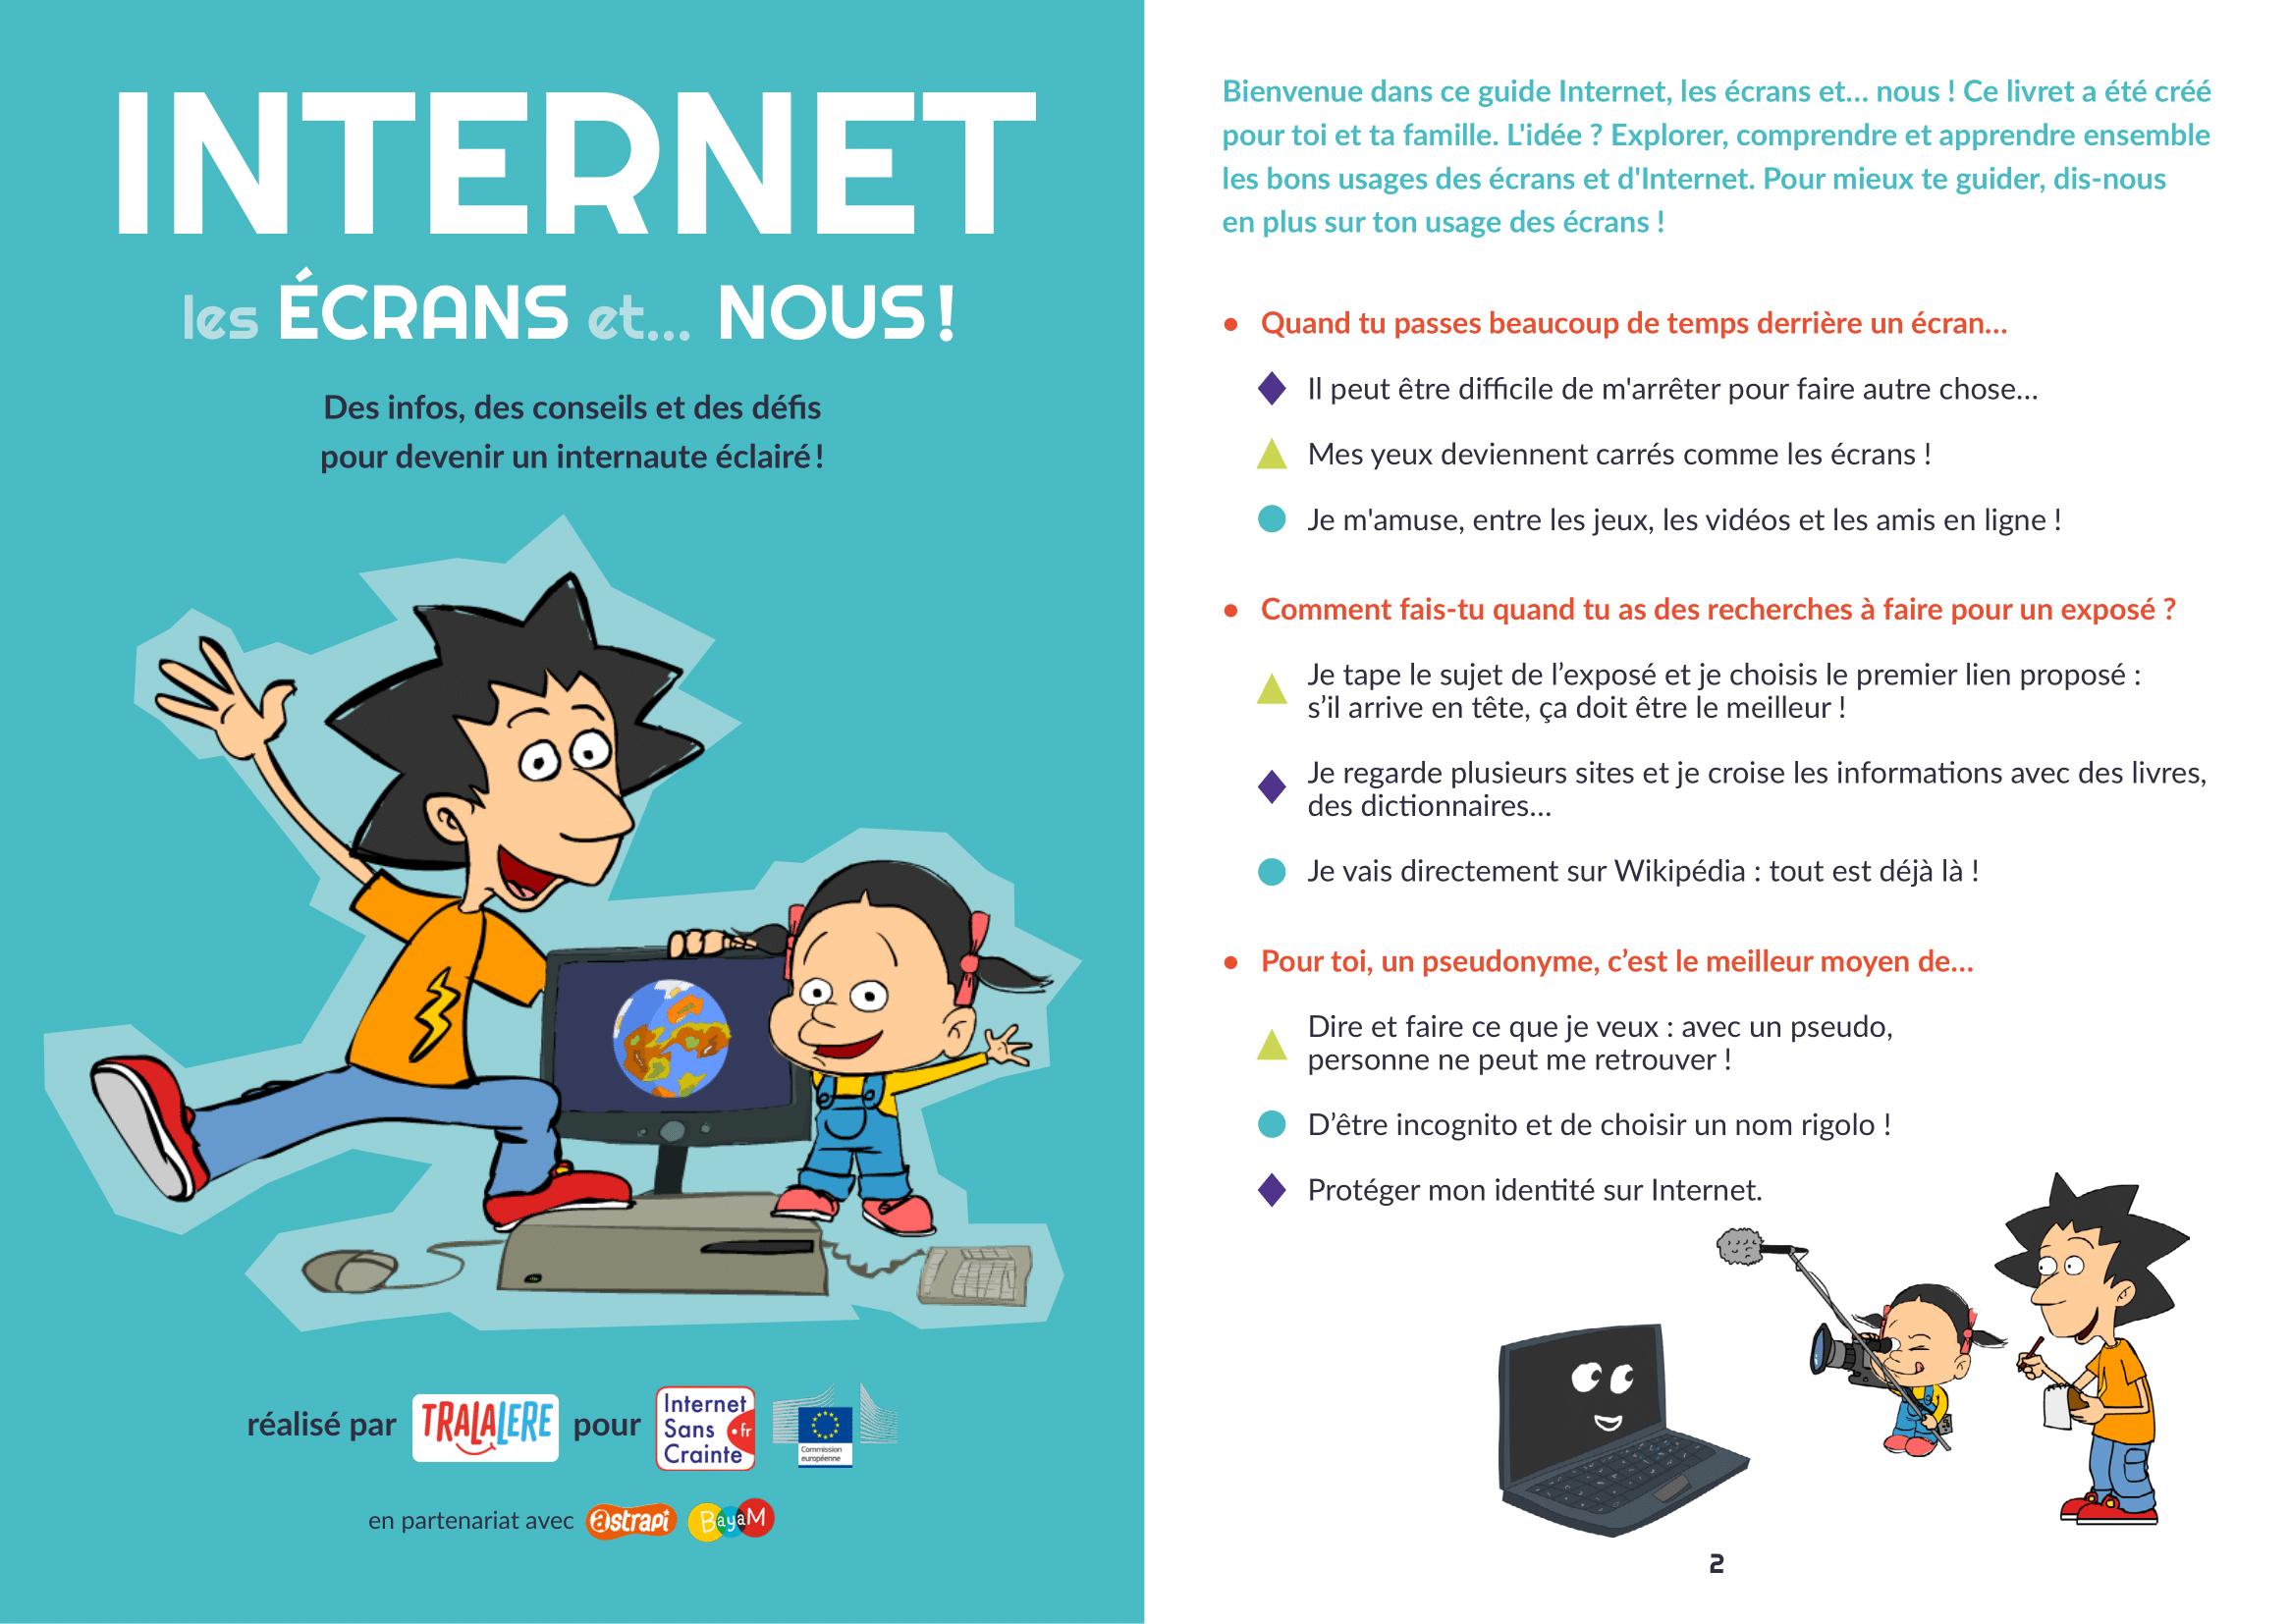 Internet, les écrans et...nous !